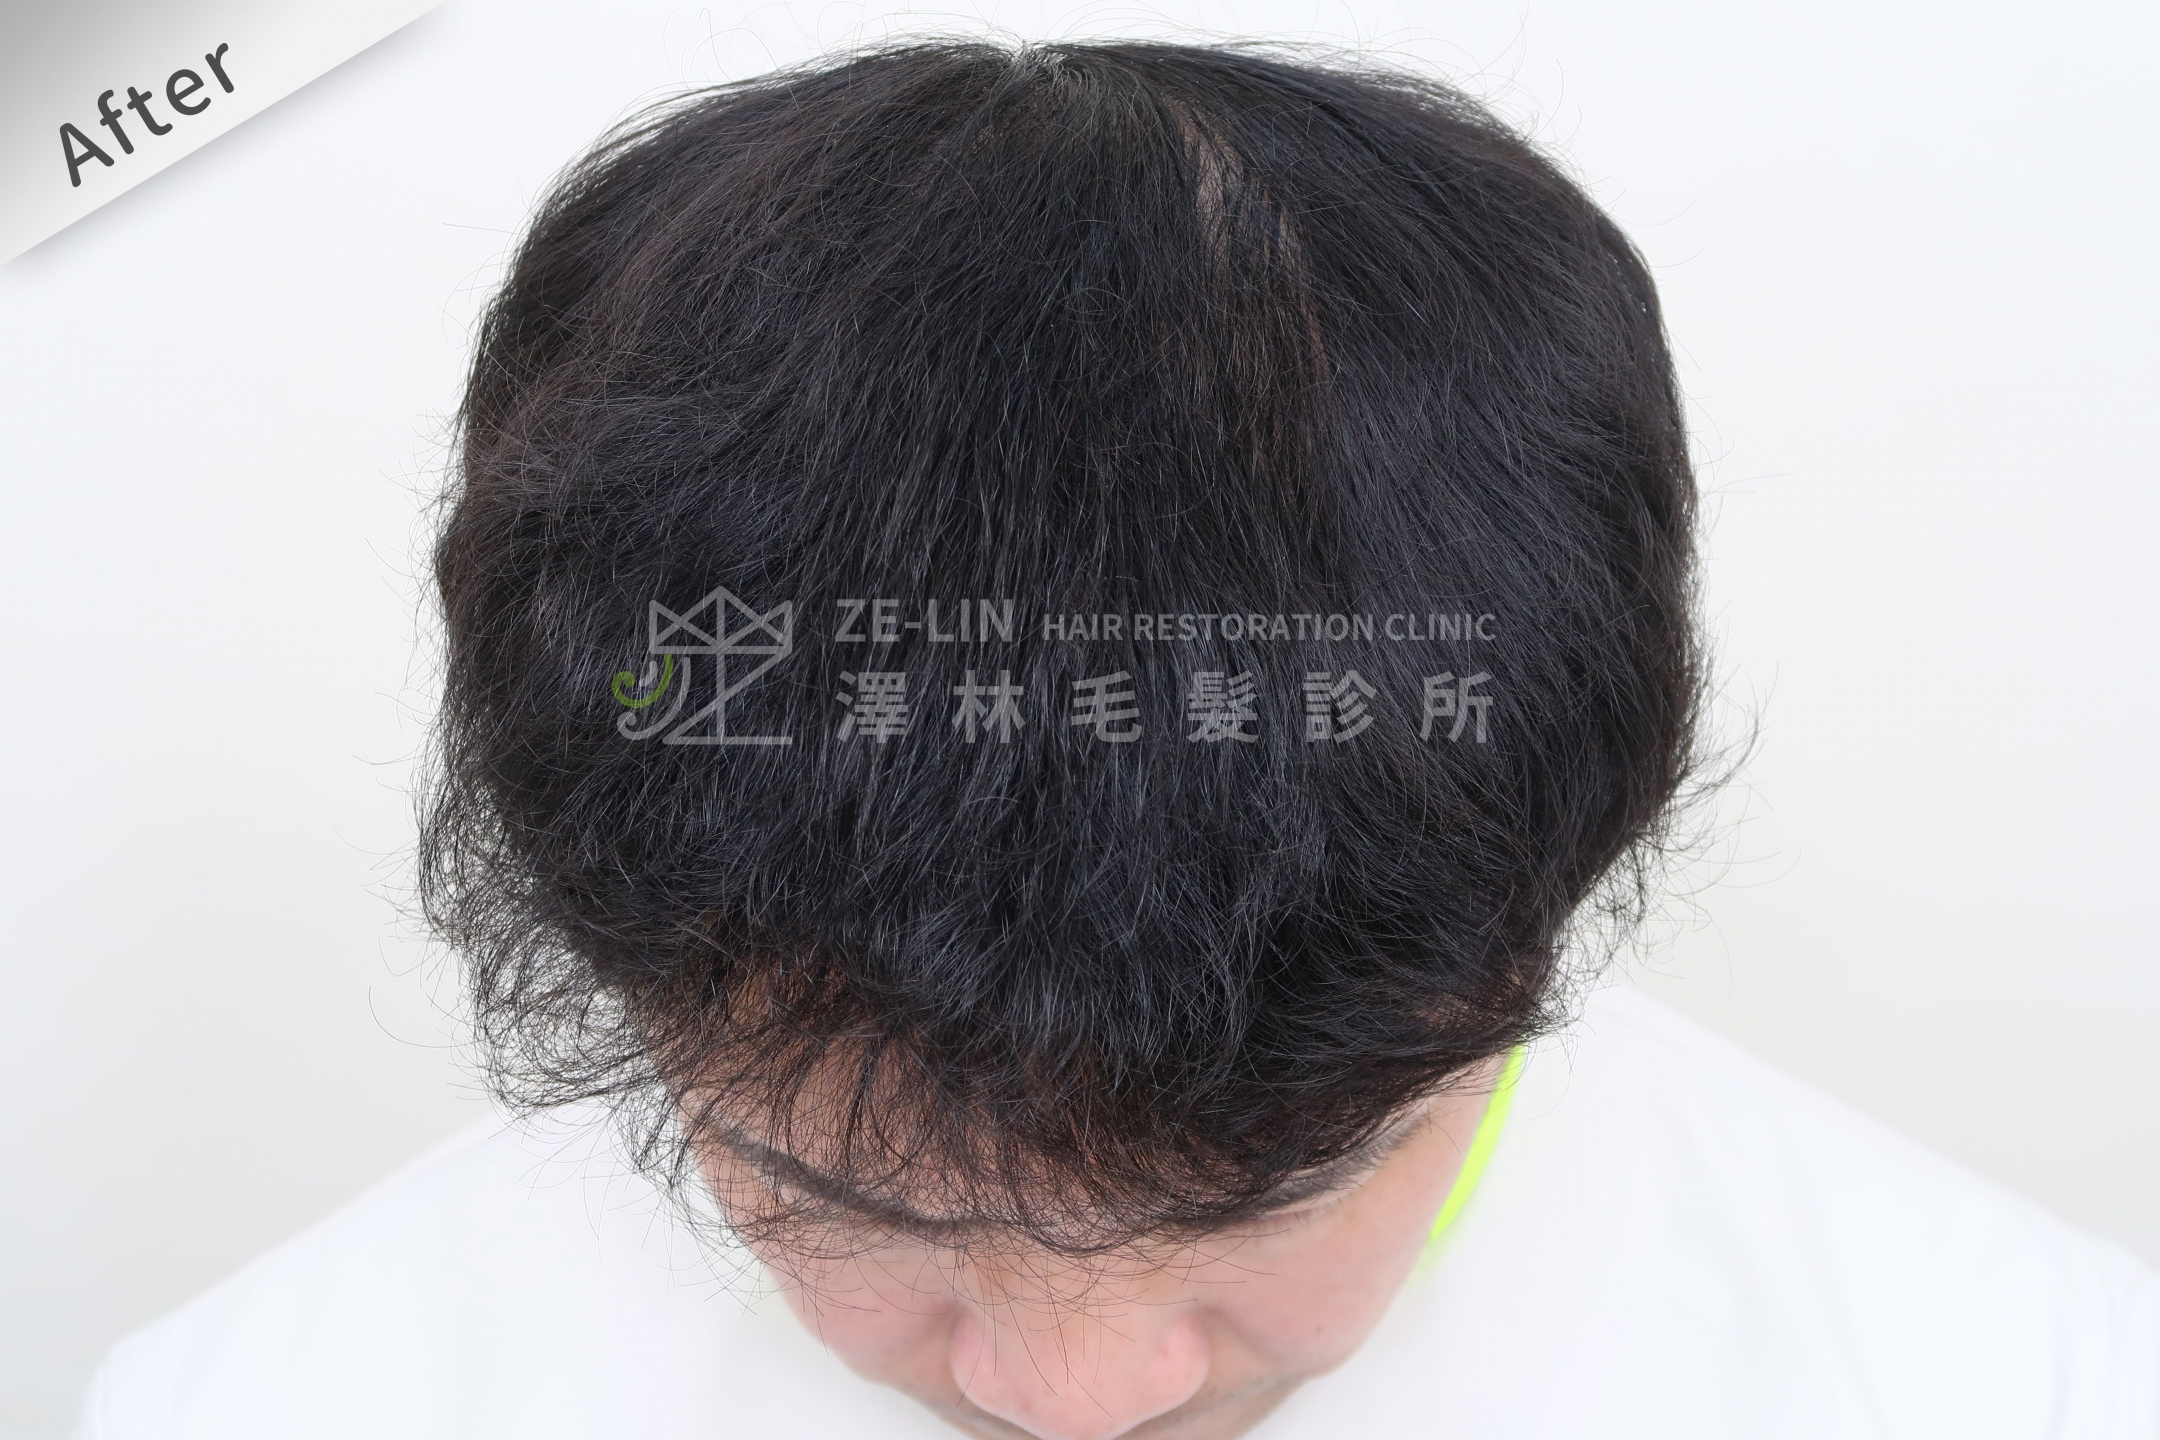 頂部雄性禿巨量植髮FUE高密度植髮心得推薦-植髮專家澤林毛髮診所謝宗廷醫師-雄性禿治療(柔沛+落健生髮水) 術後